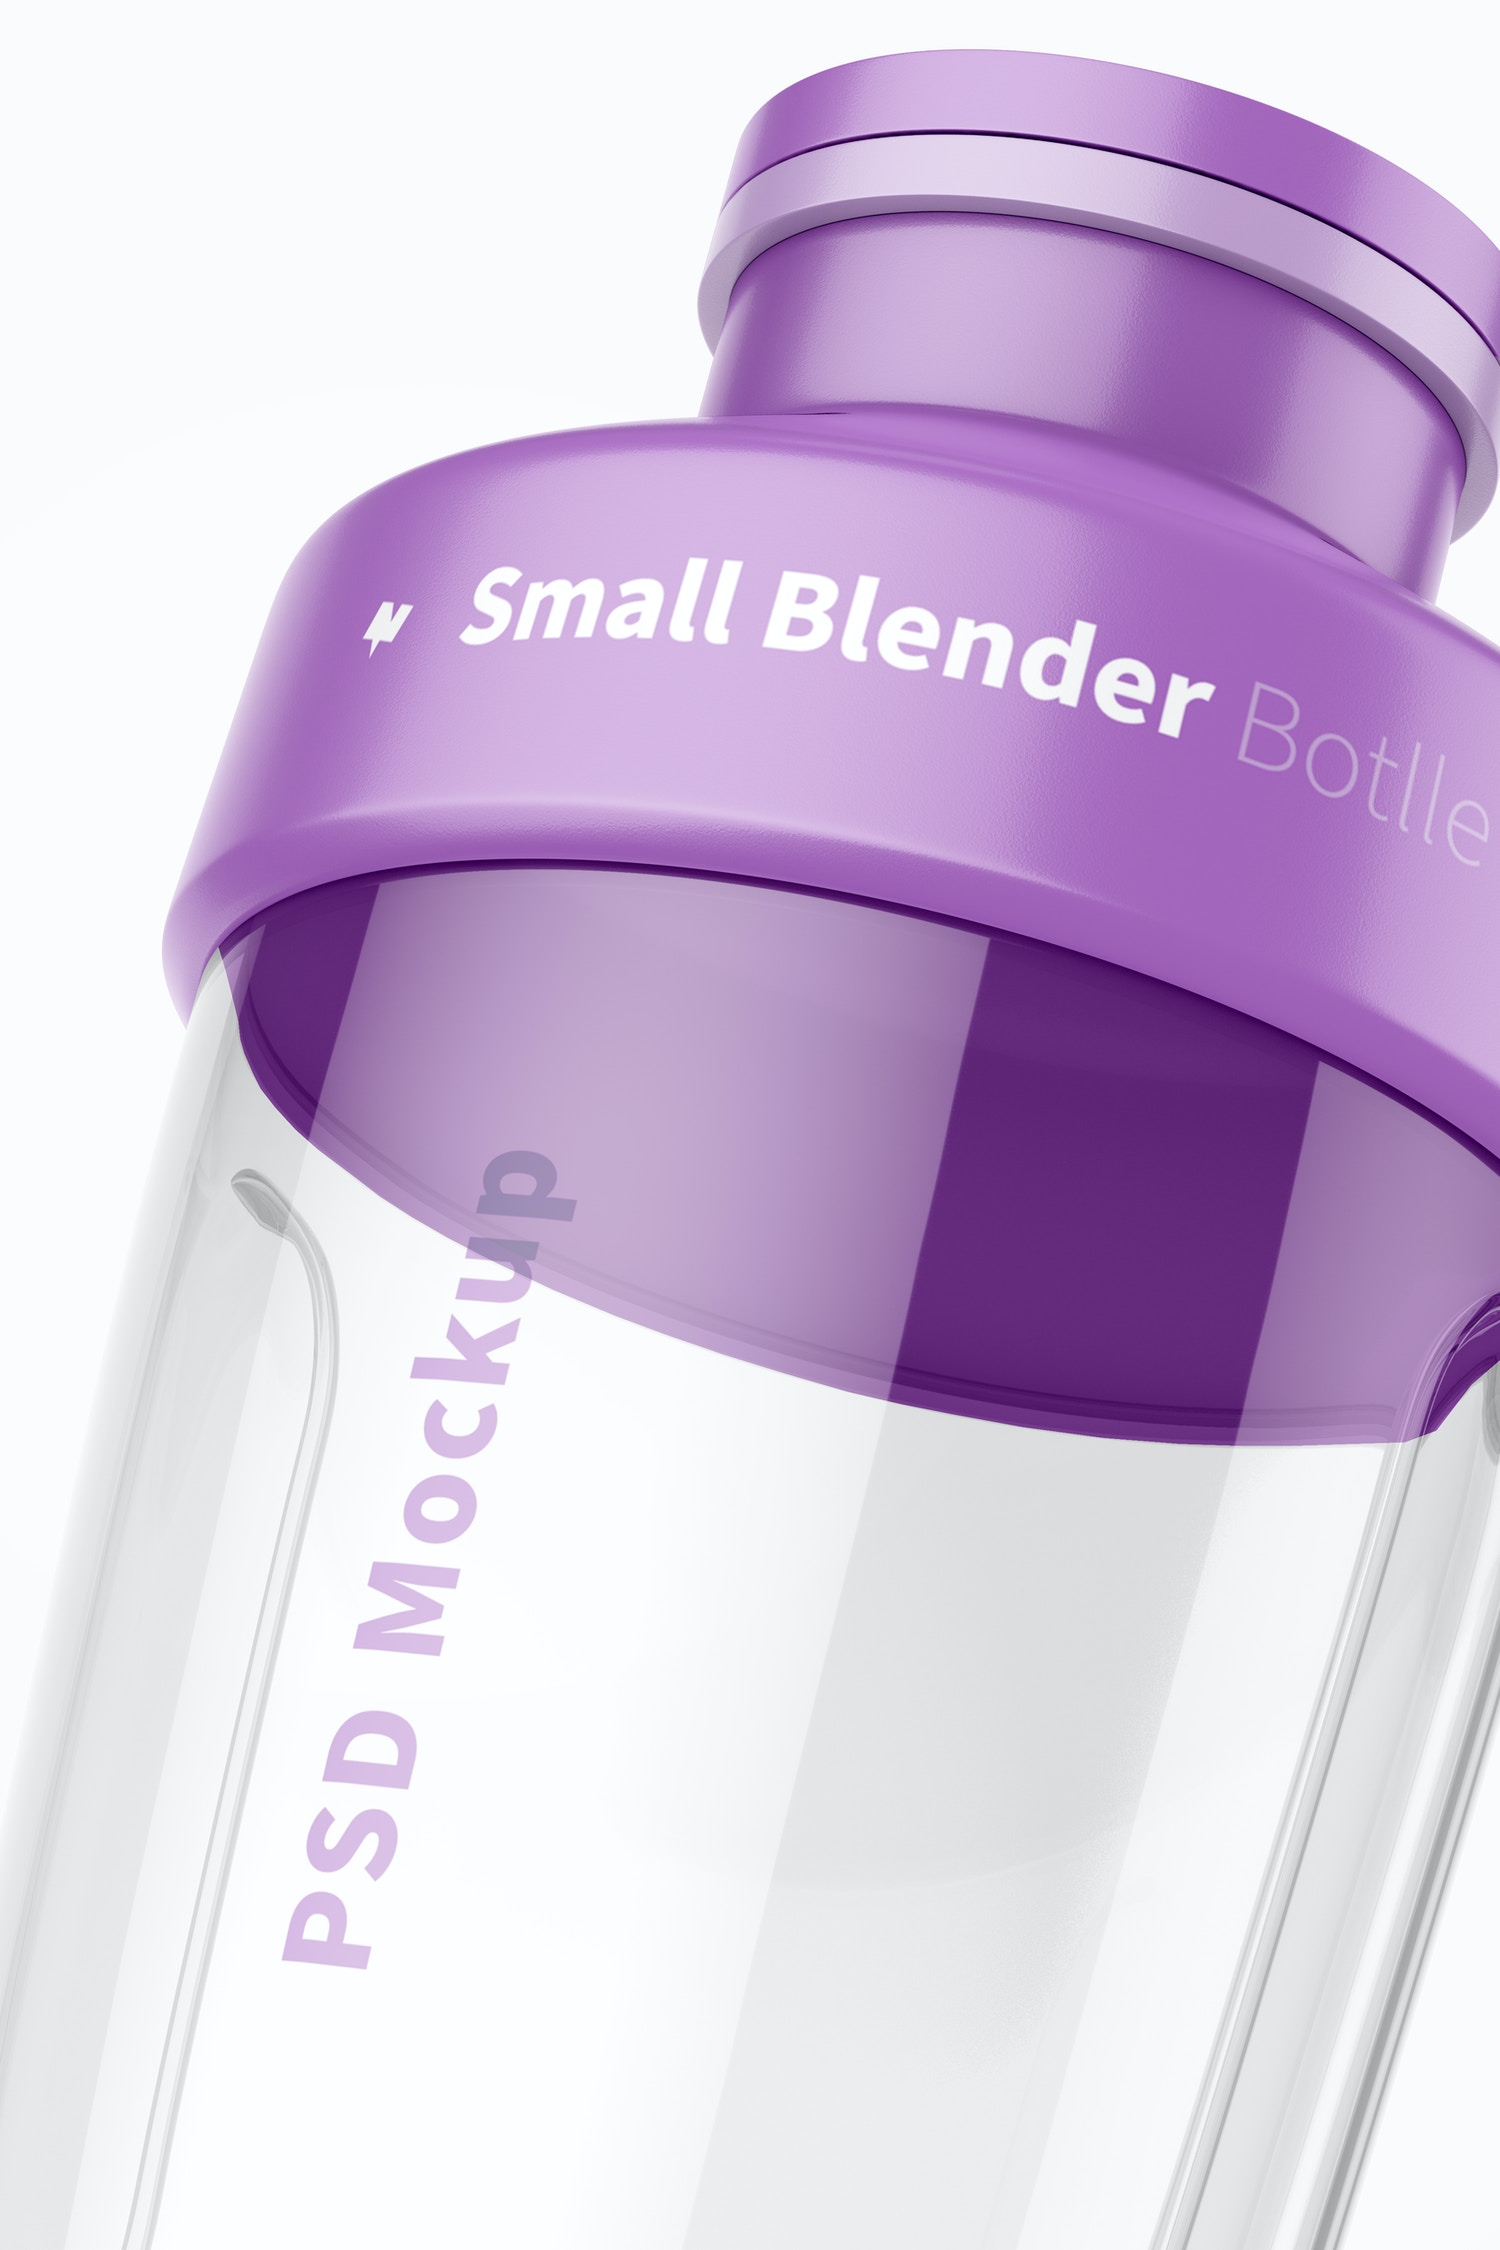 Small Blender Bottle Mockup, Close Up